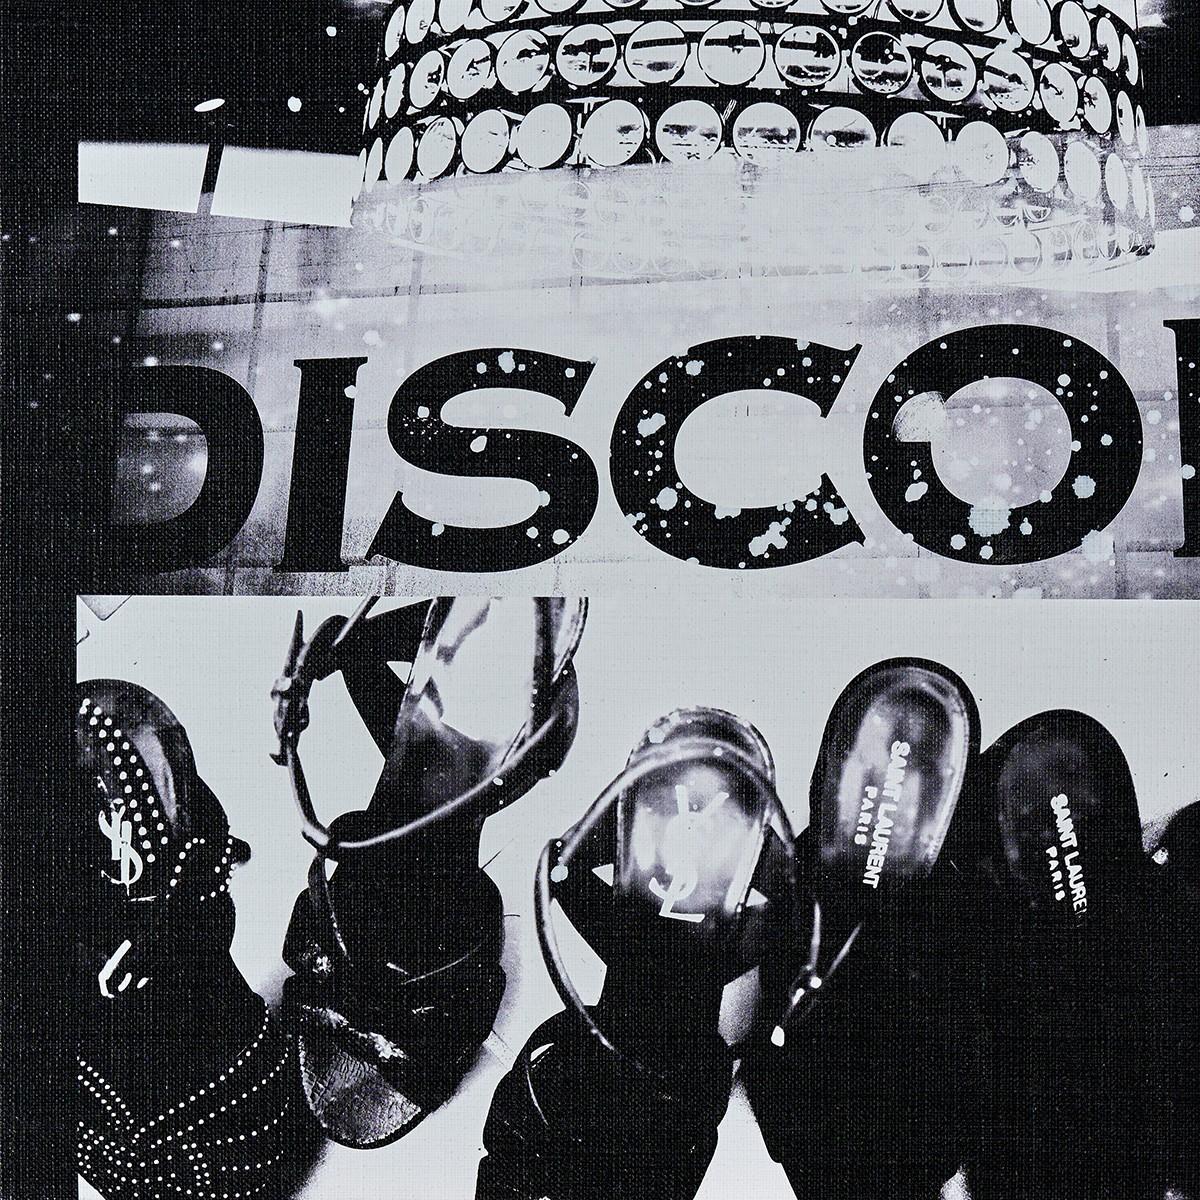 Paris Disco - Döring, Jörg - k-DPH20007b